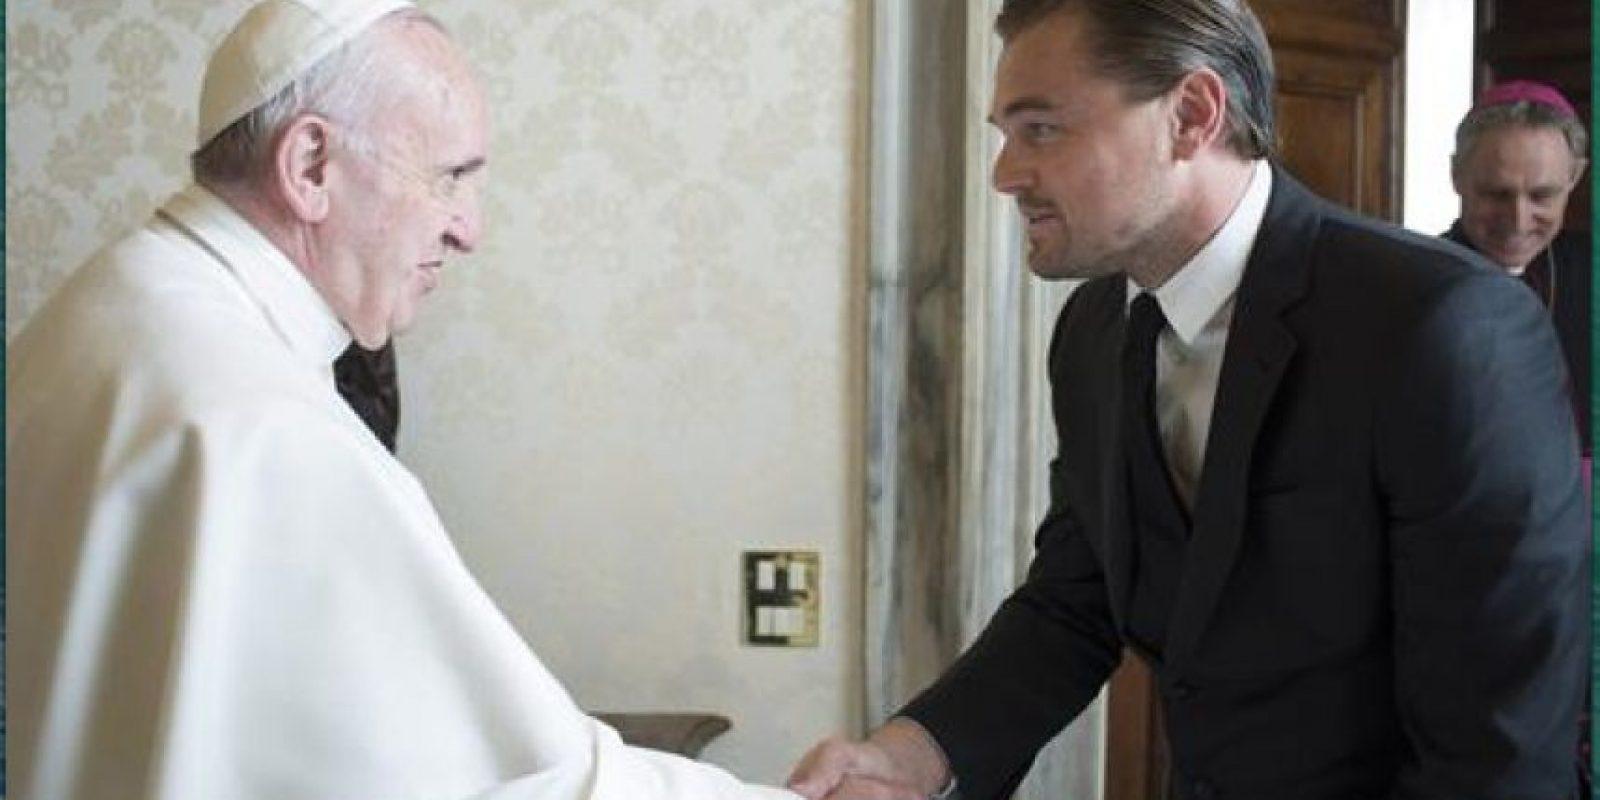 El actor conversó con el Sumo Pontífice en el Vaticano Foto:EFE